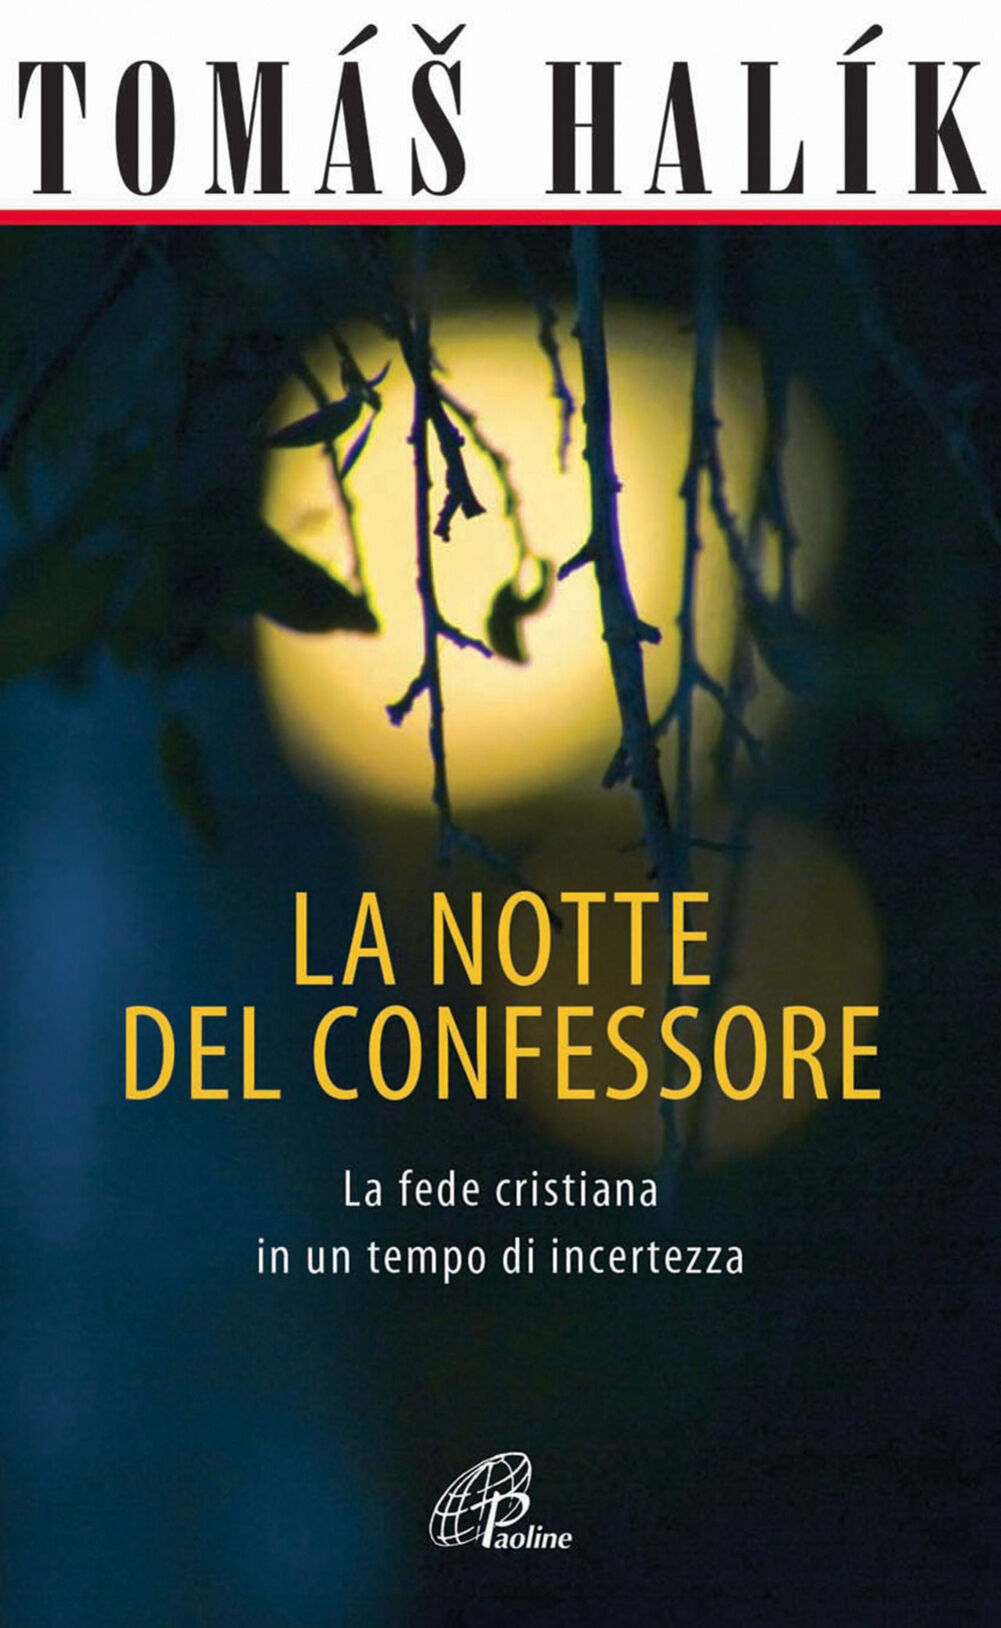 La notte del confessore. La fede cristiana in un tempo di incertezza